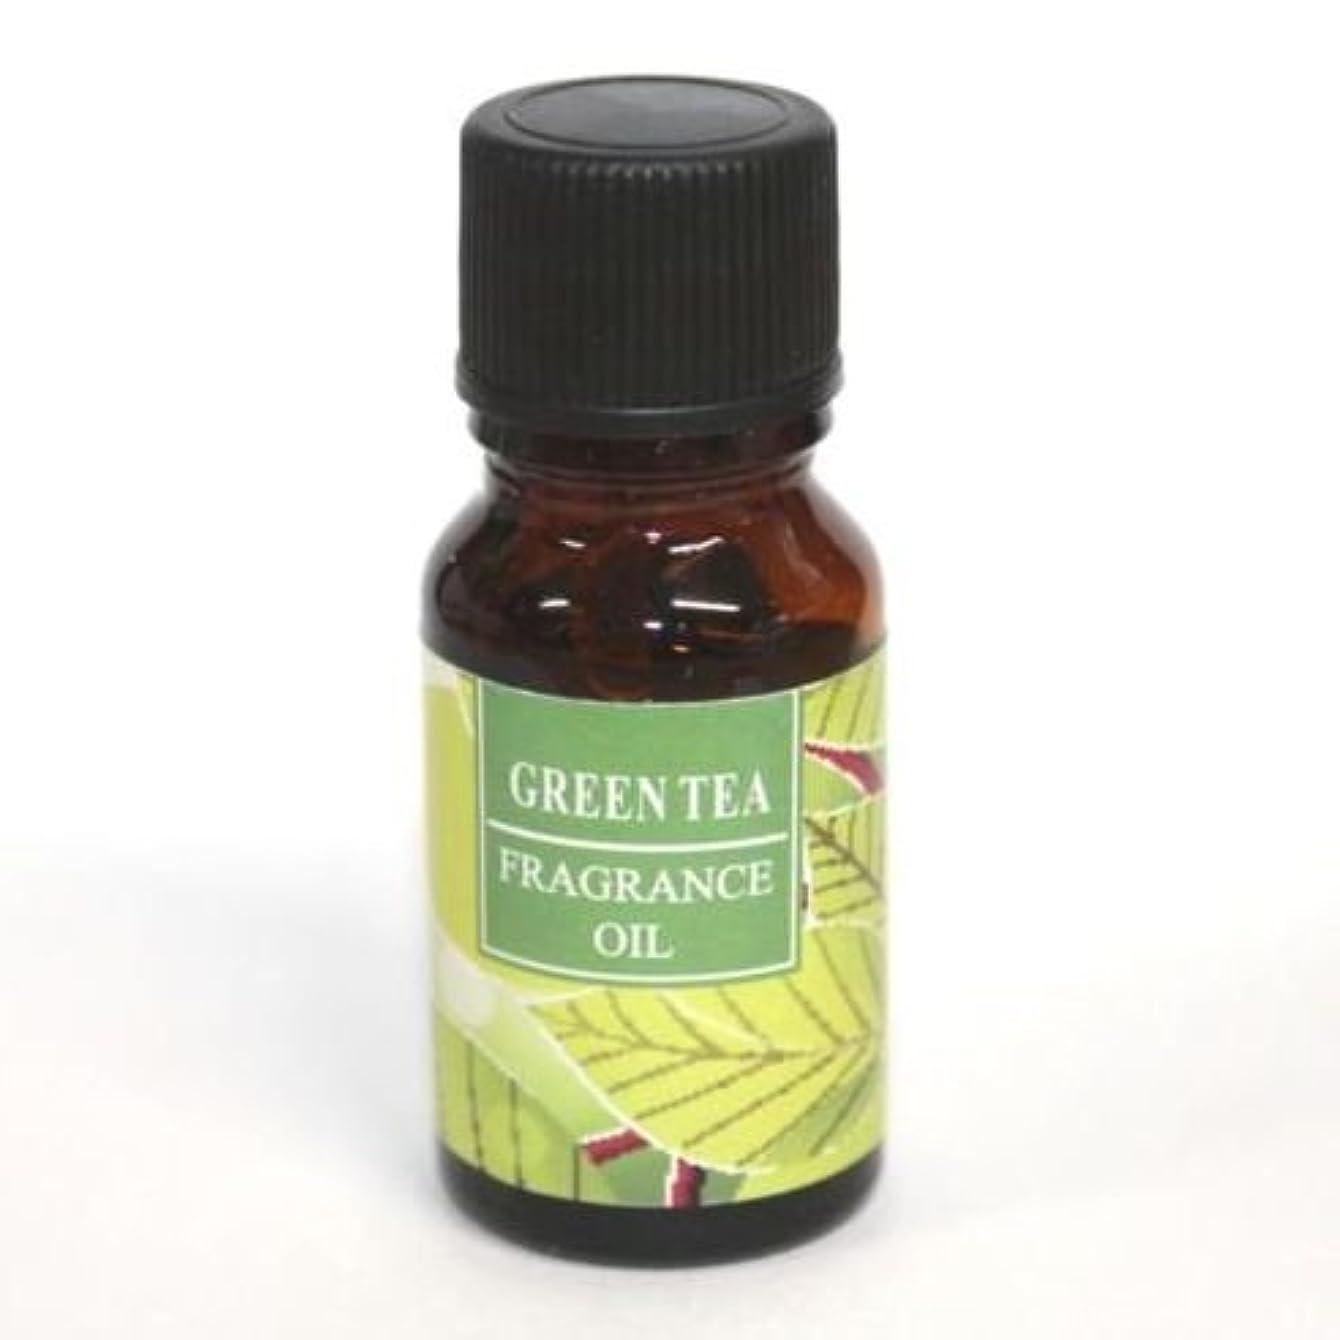 頻繁に踏みつけ鎖RELAXING アロマオイル AROMA OIL フレグランスオイル GREEN TEA 緑茶の香り RQ-09